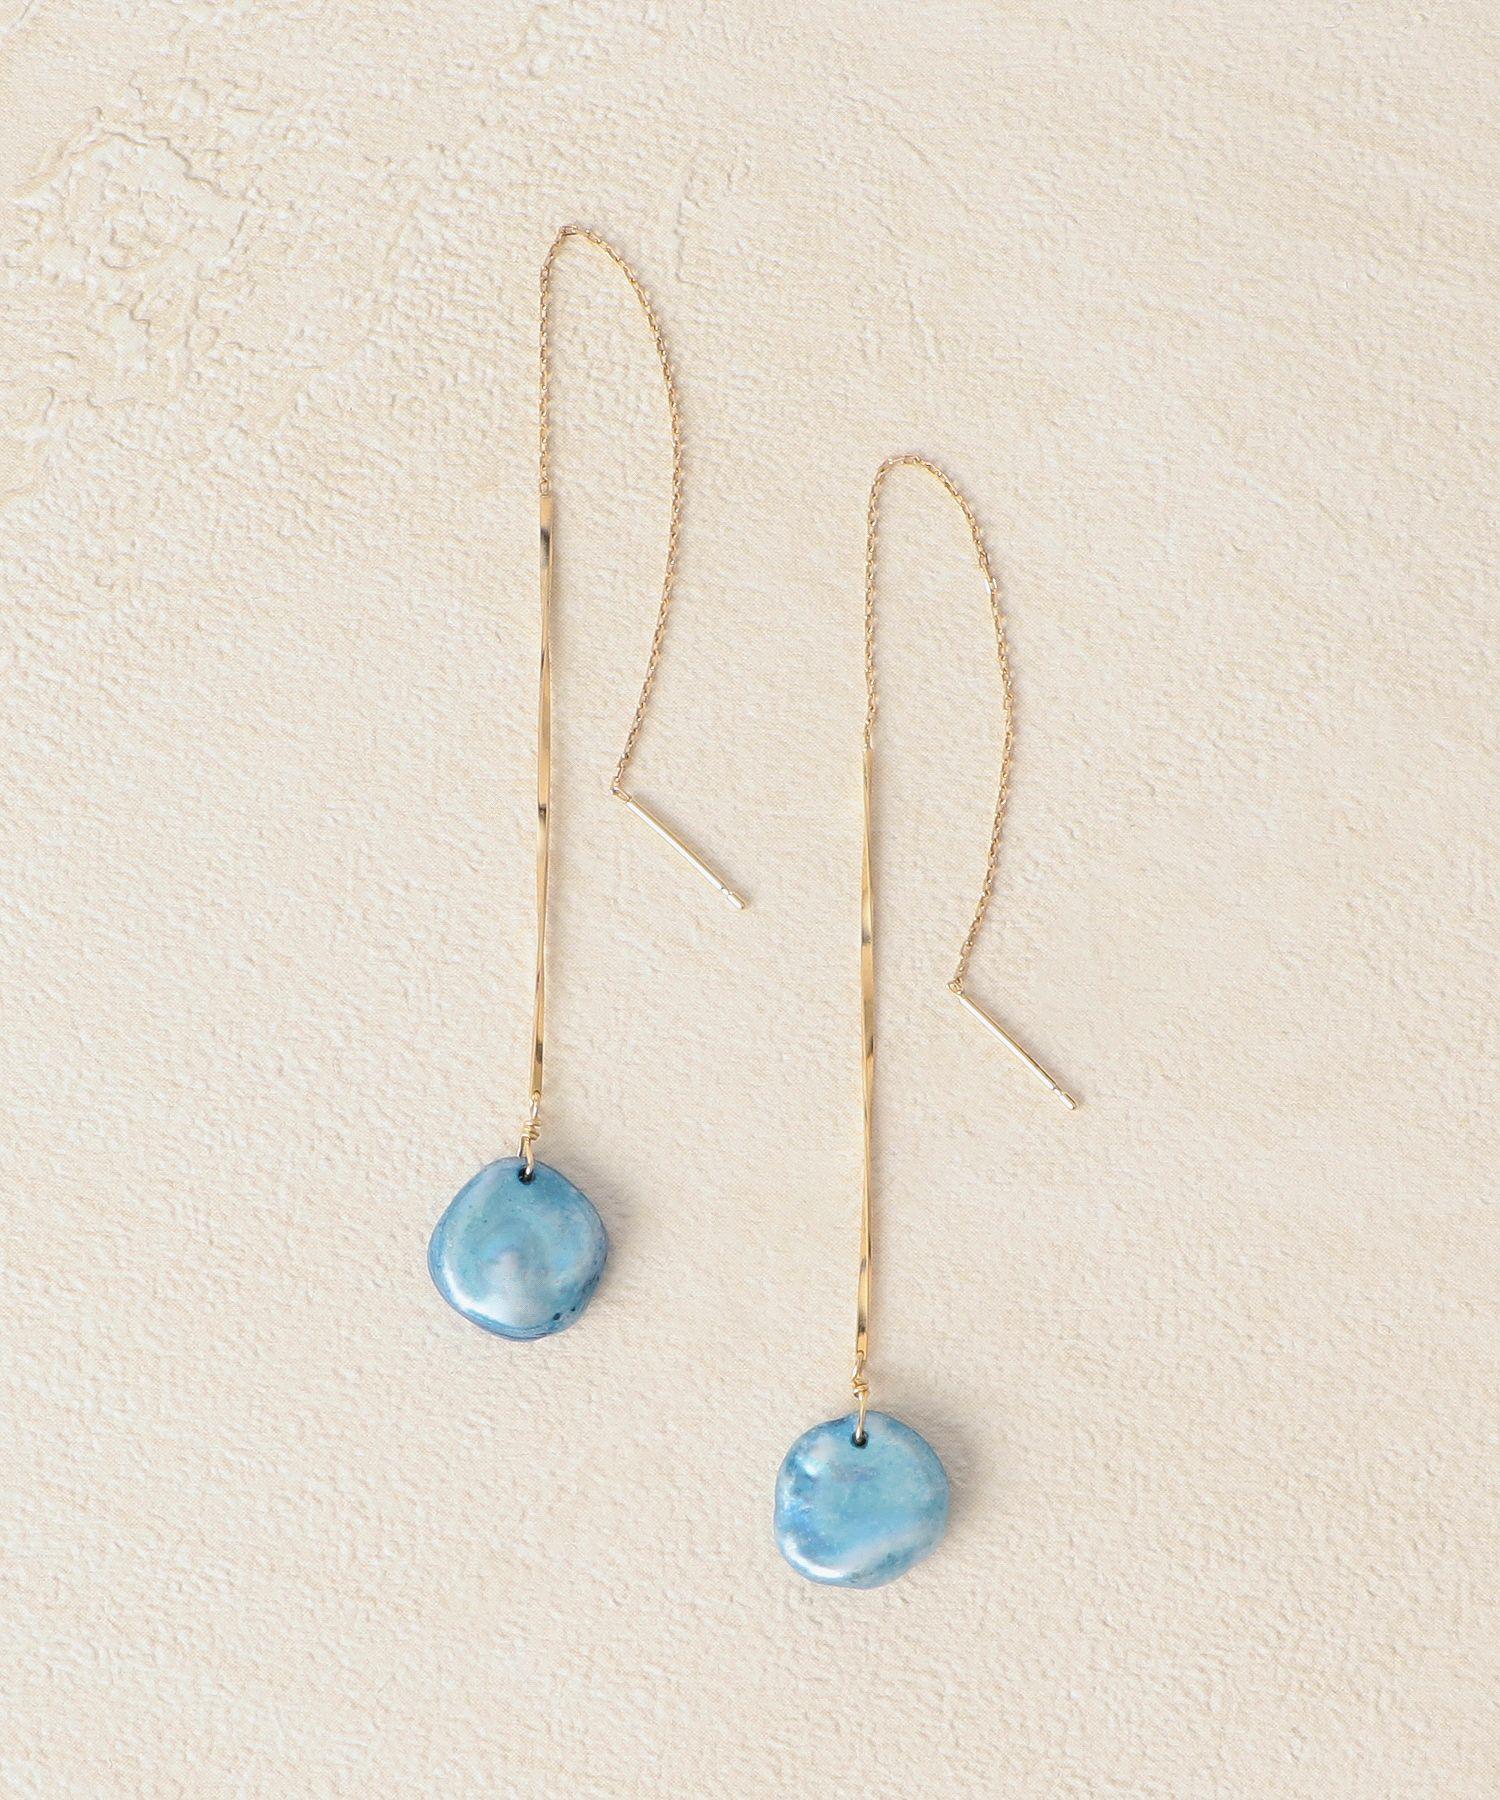 K10両耳用藍染めピアス